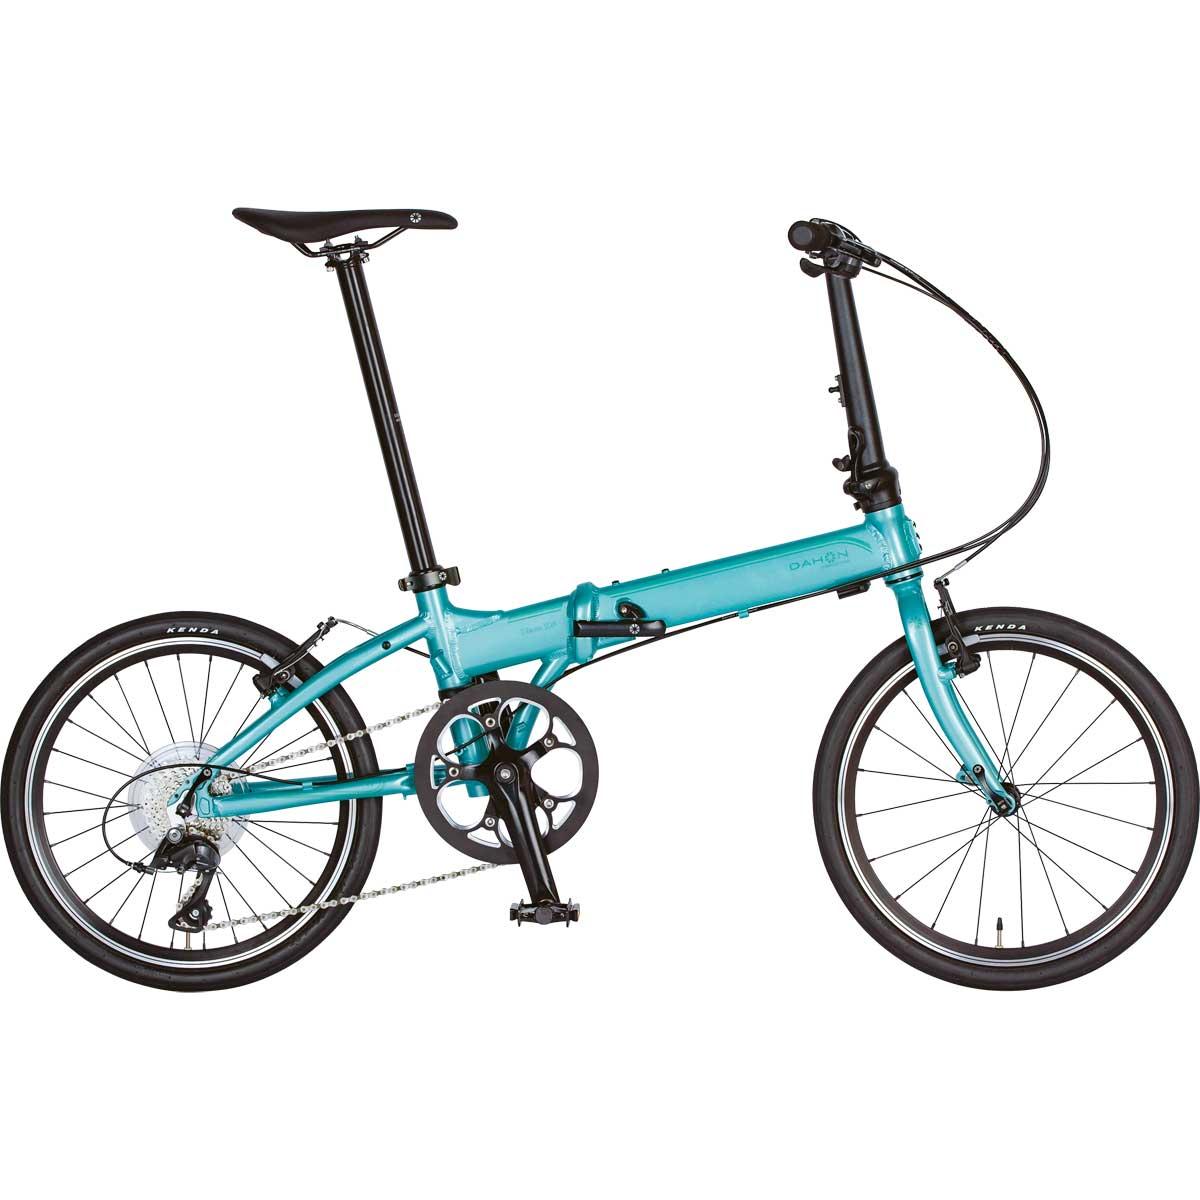 DAHON/ダホンVitesseD8ヴィテッセD8ミントグリーン(9023)折りたたみ自転車自転車本